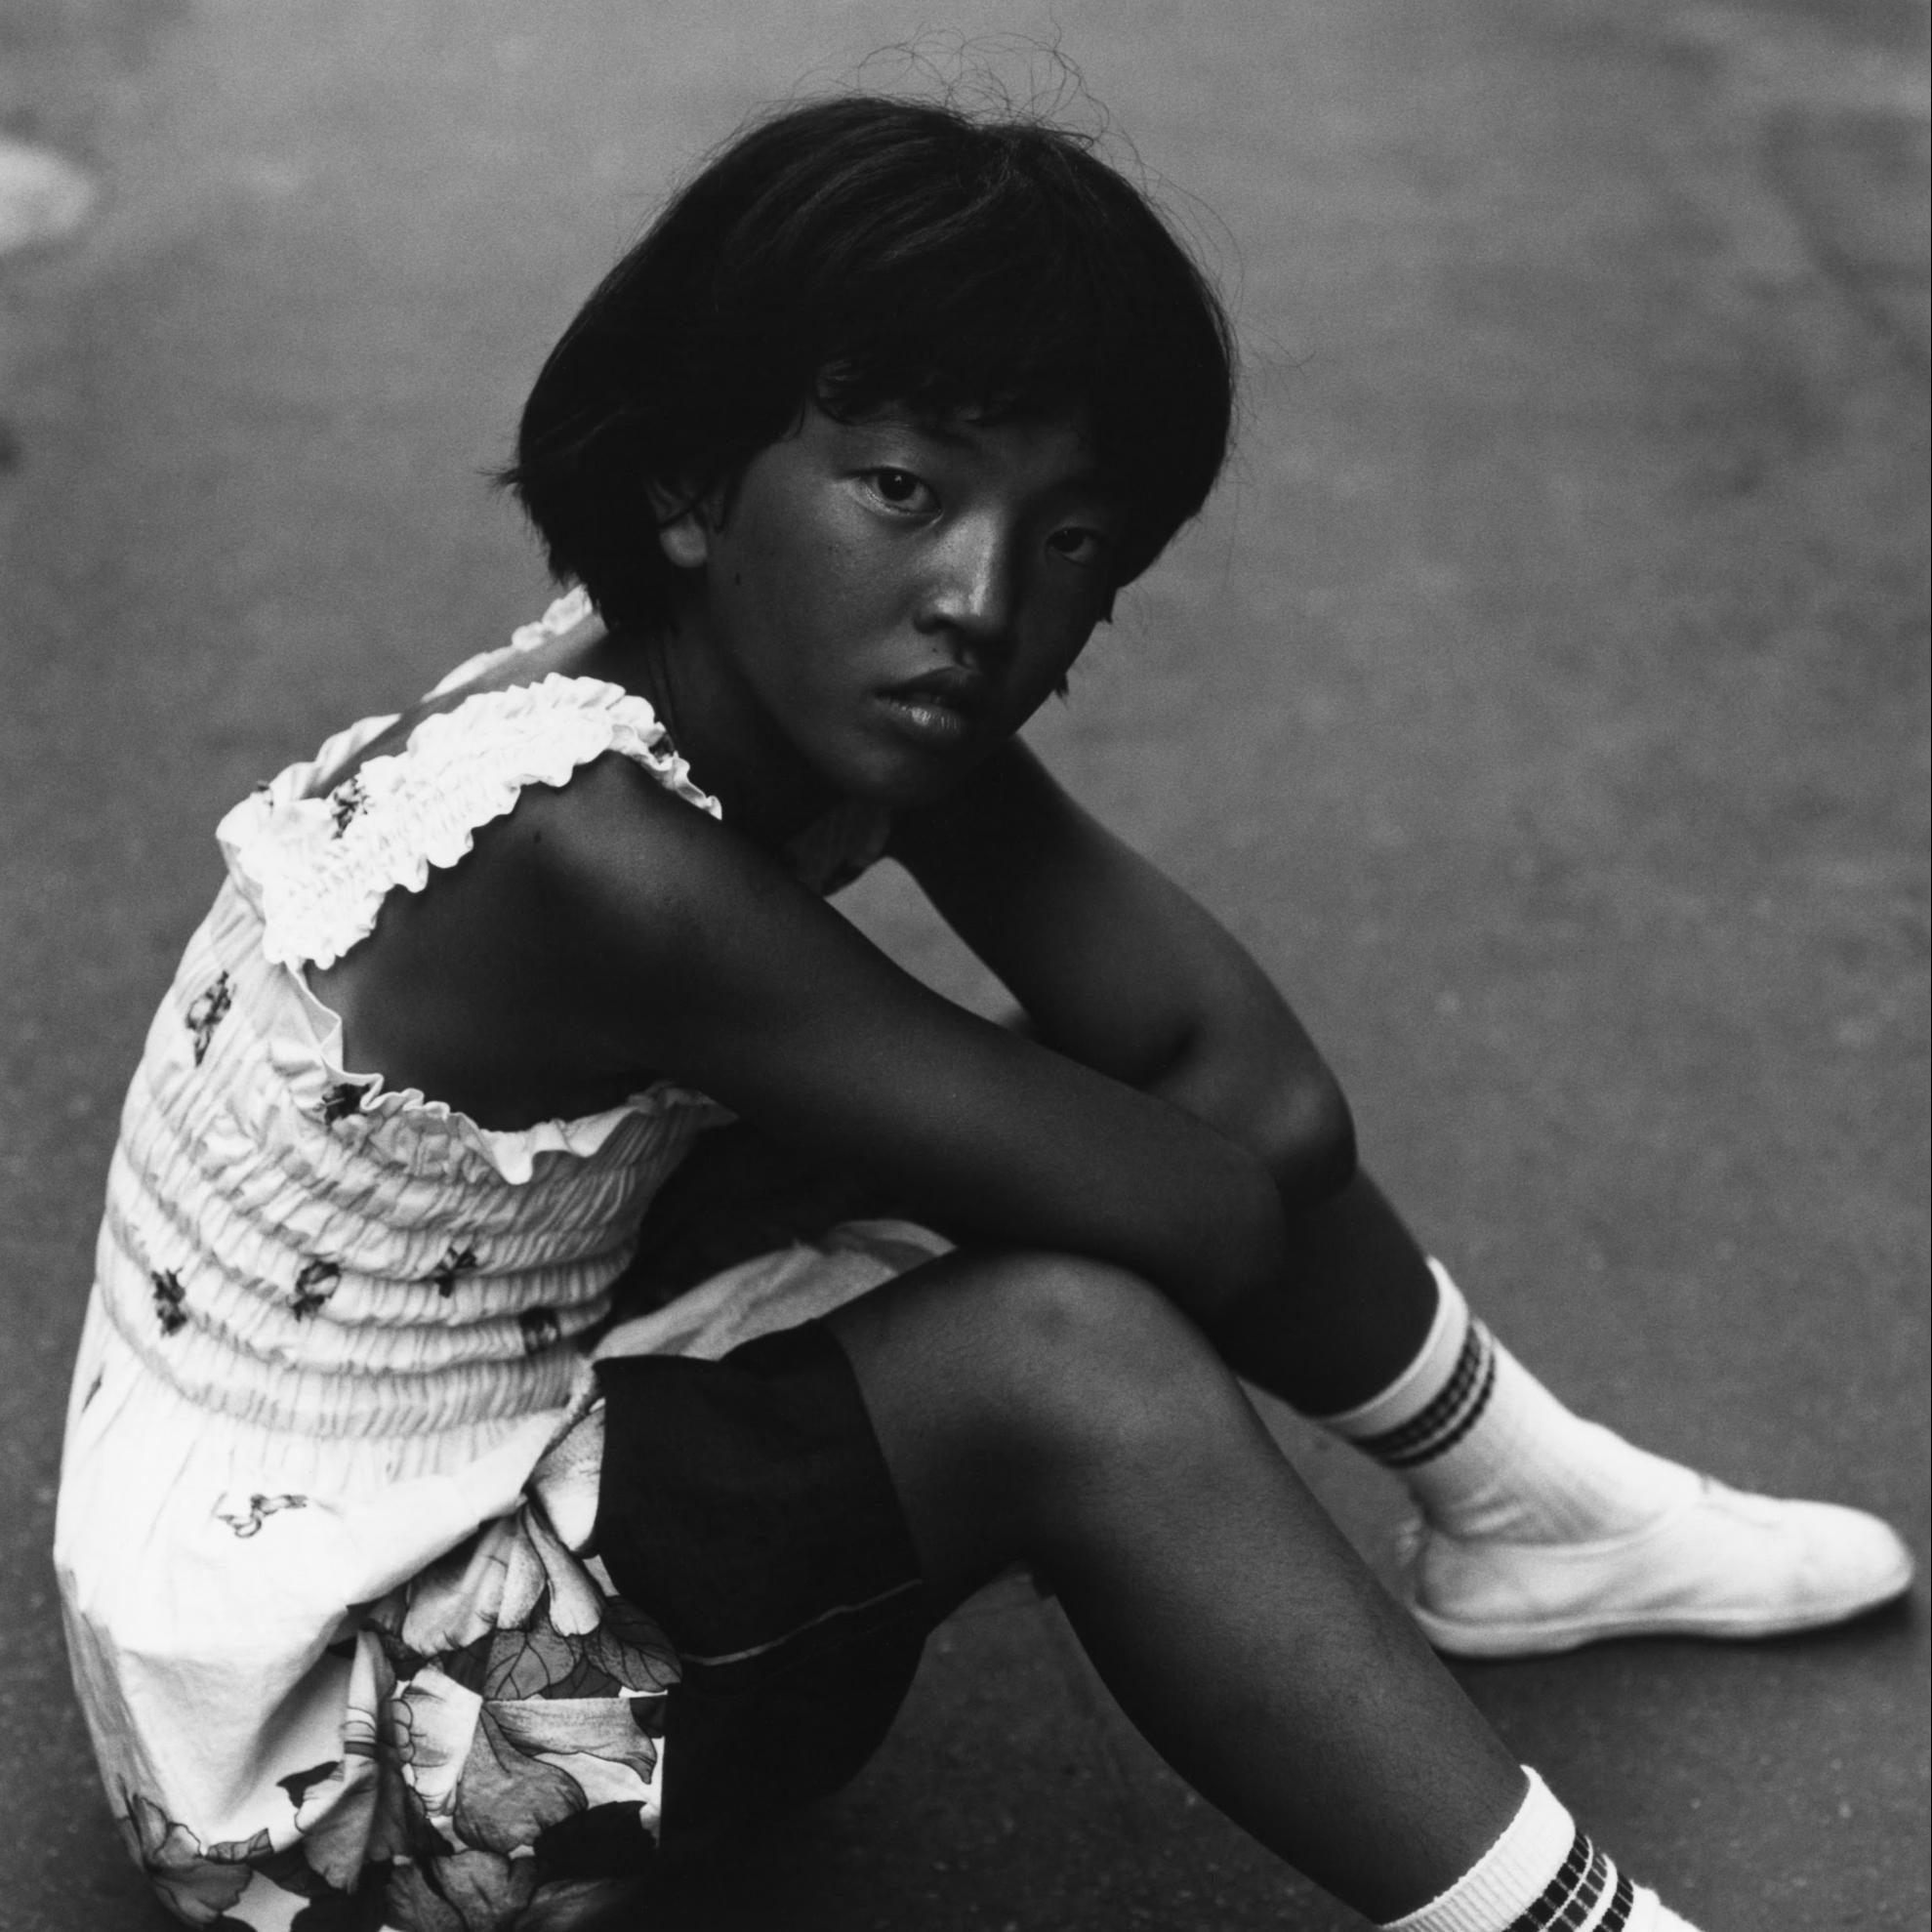 Ritratto in bianco e nero di una giovane ragazza in Giappone di Issei Suda